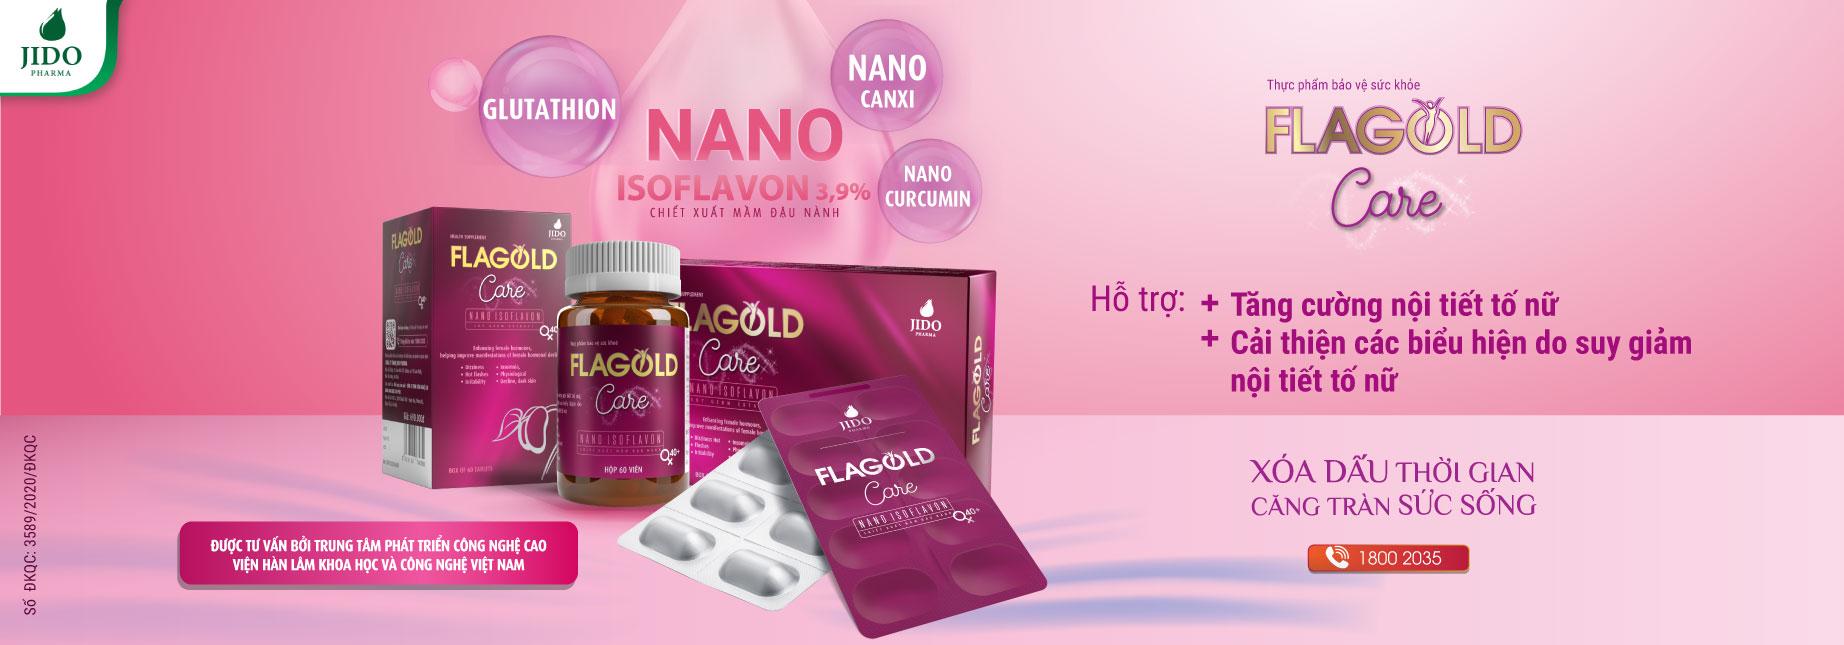 Nano Mầm Đậu Nành FlaGold Care